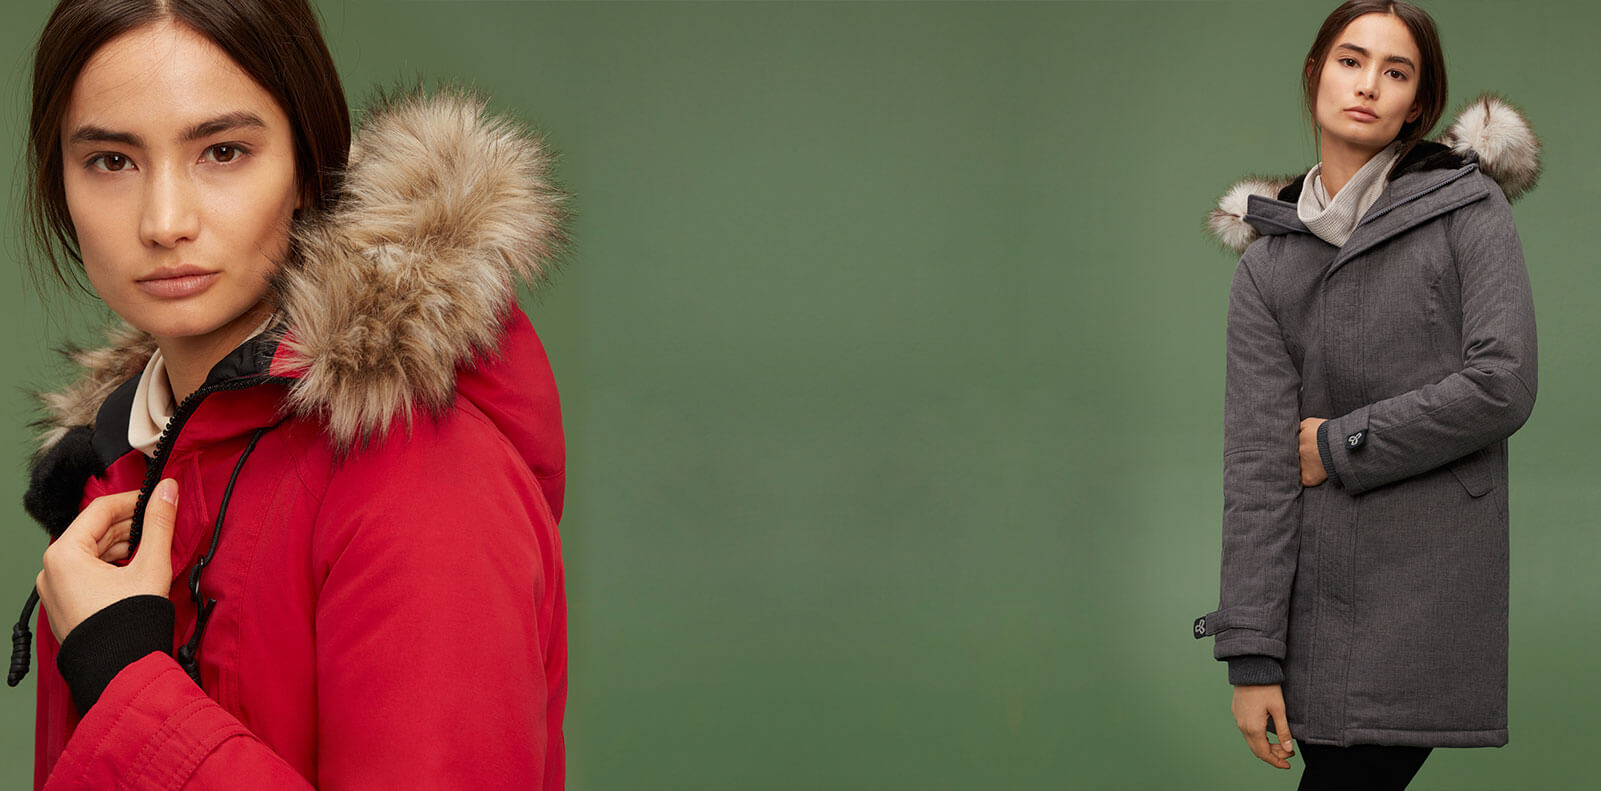 The Coat Lignup